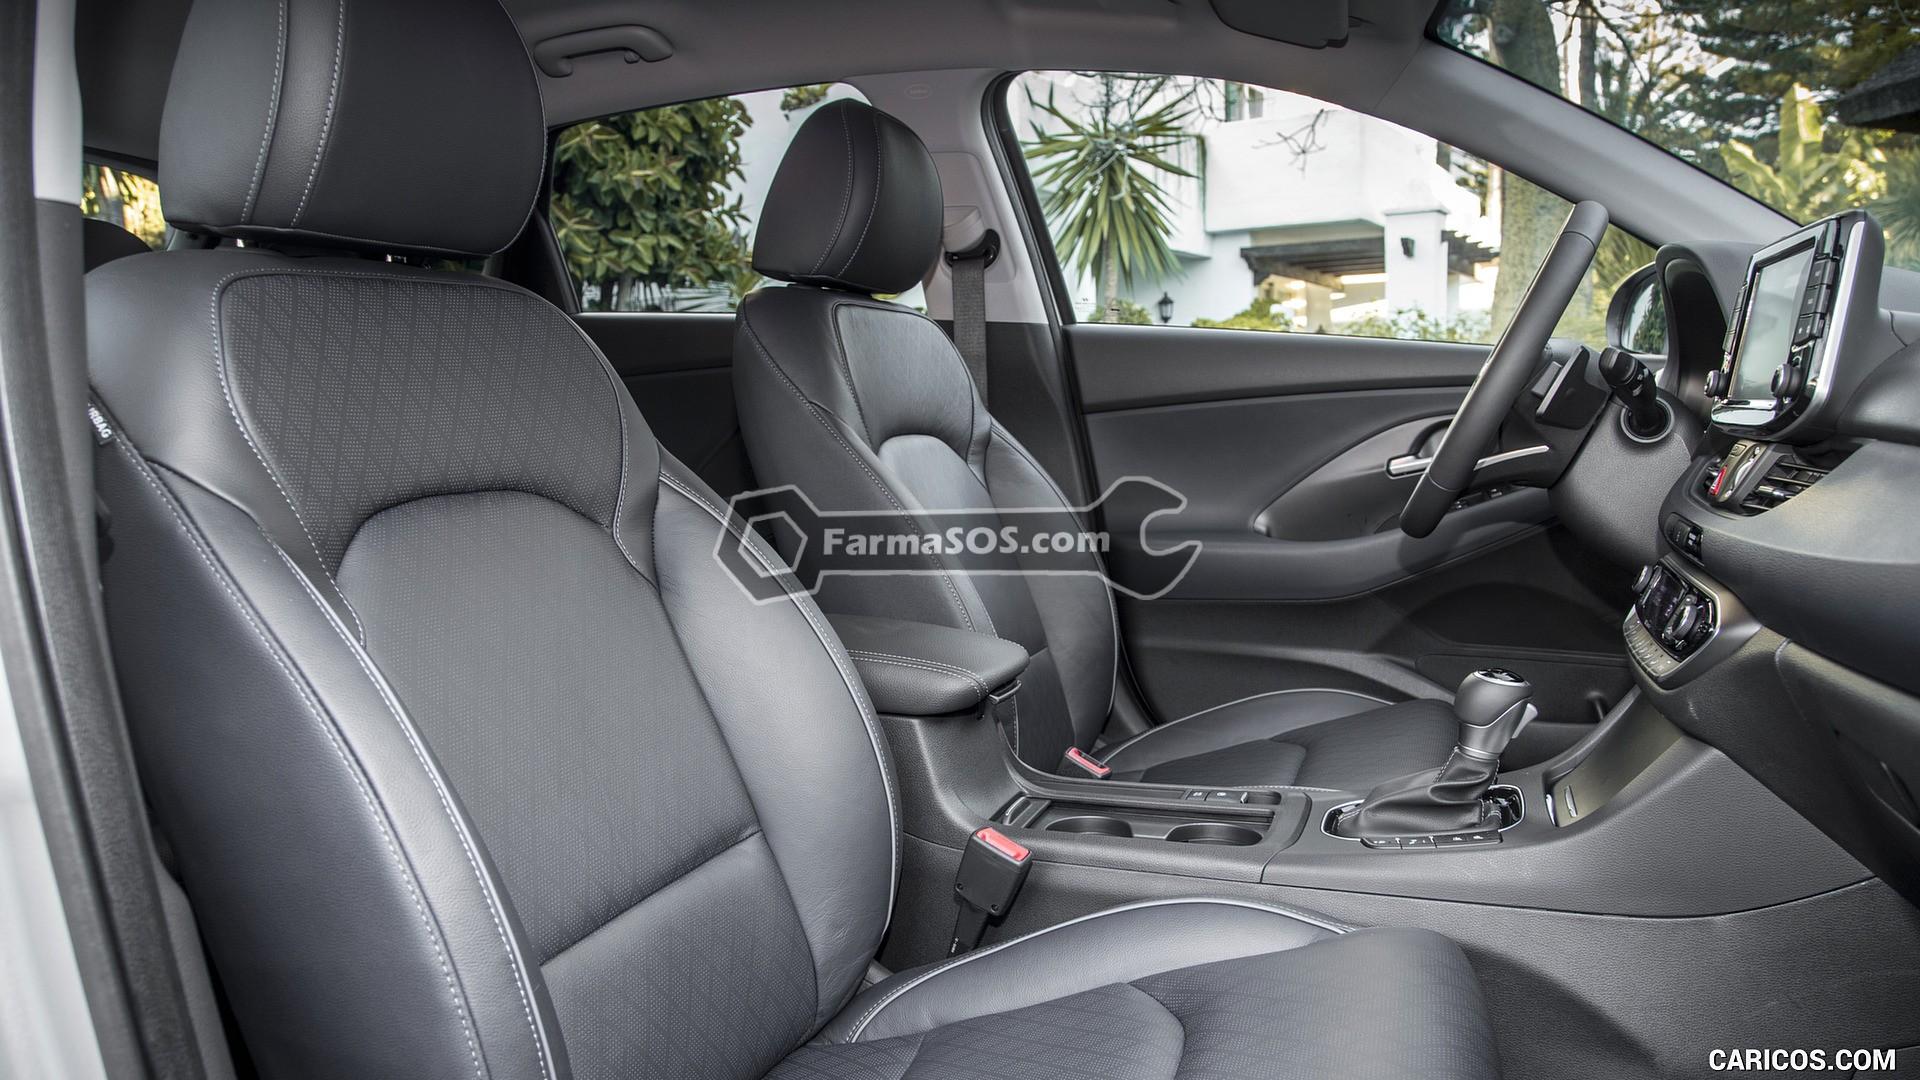 Hyundai i30 2016 2017 7 تصاویر هیوندای I30 مدل 2017 تا 2018